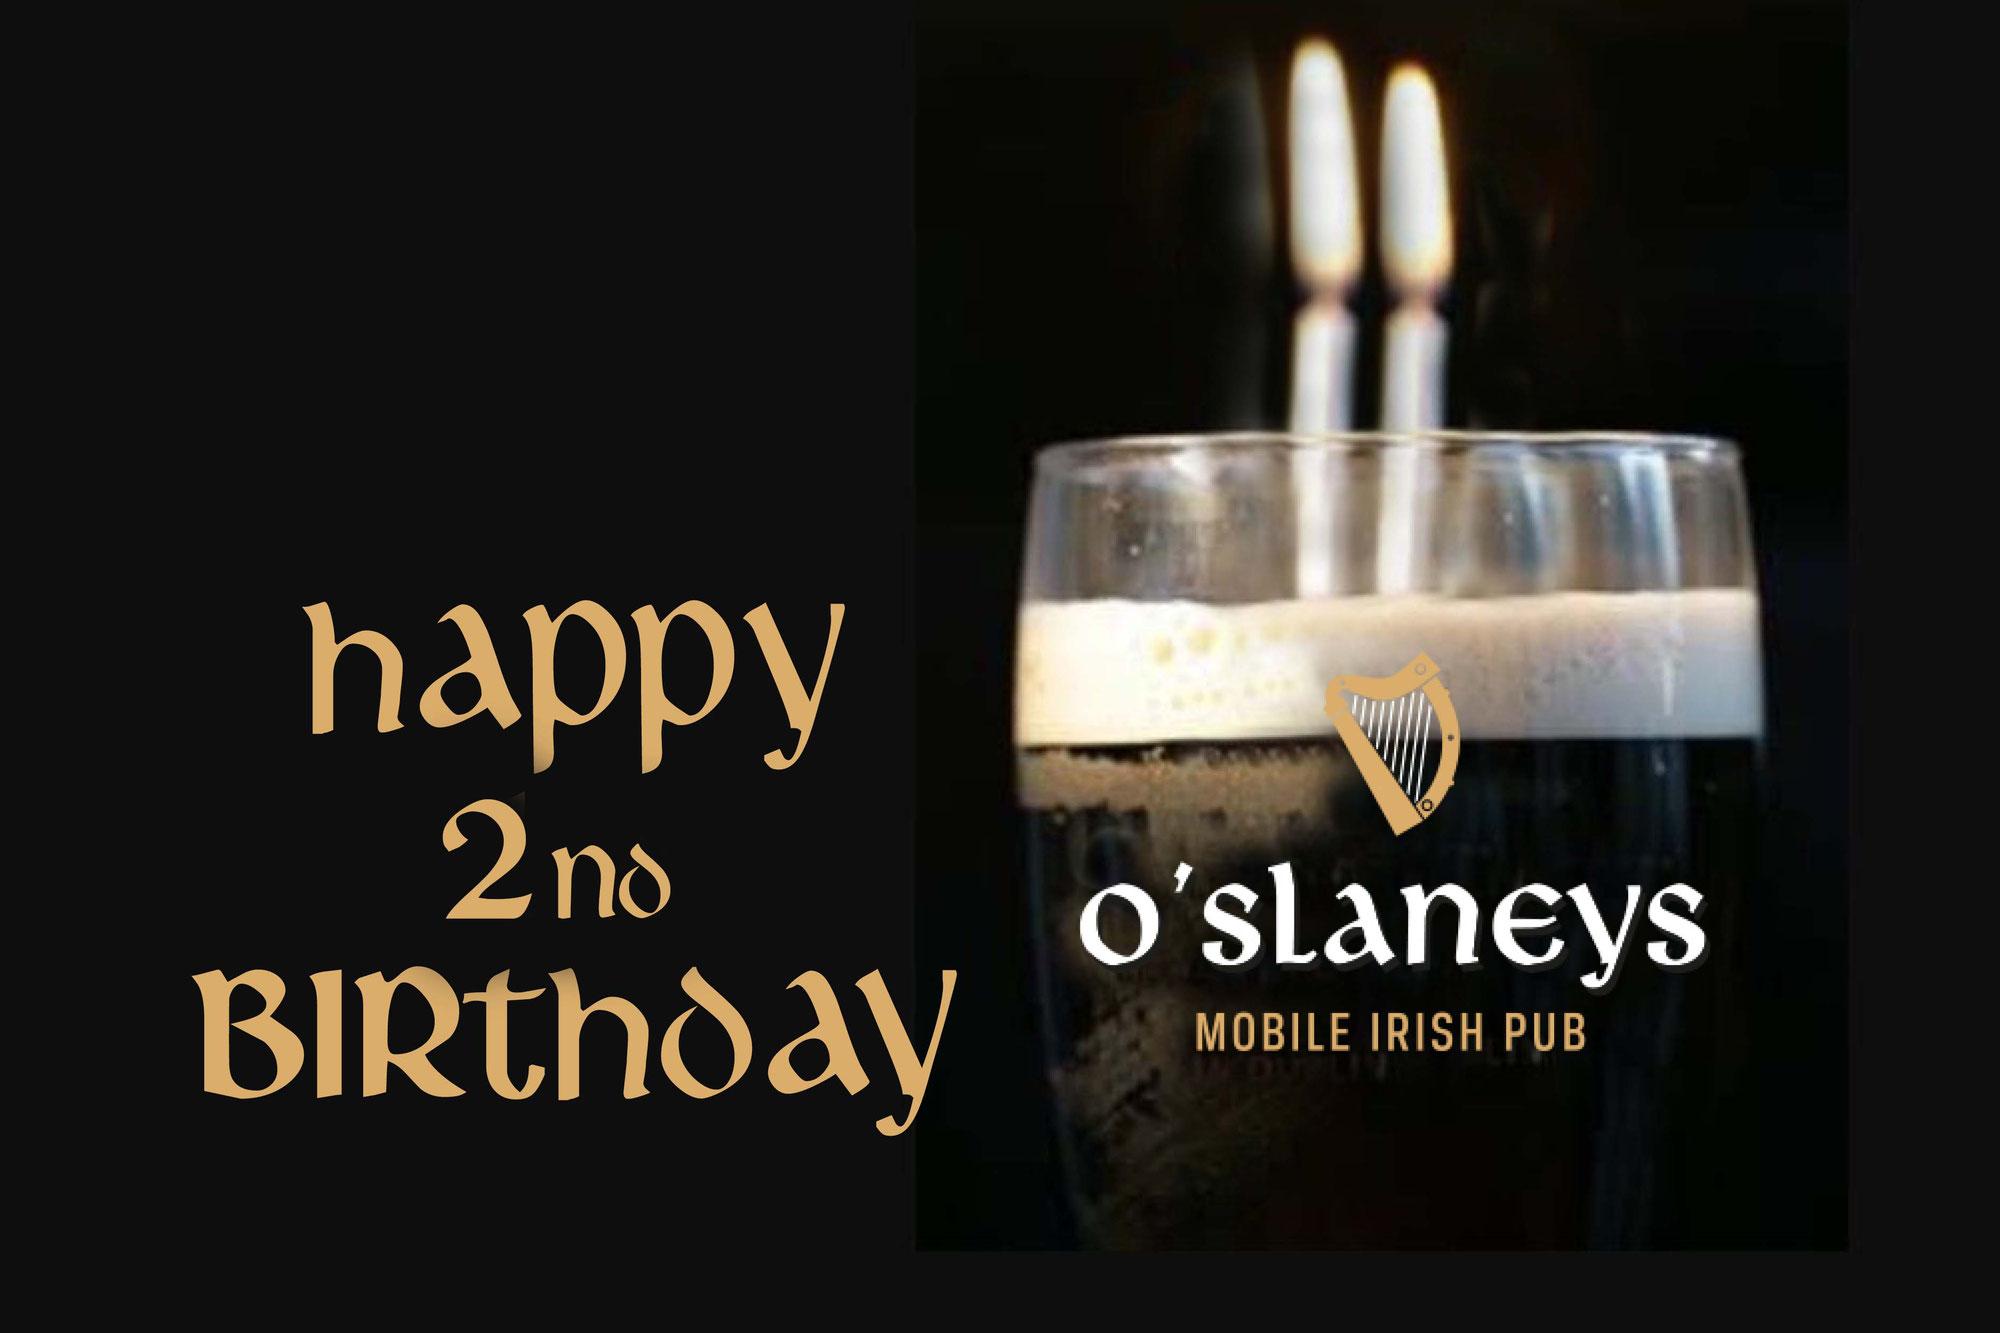 Happy 2nd Birthday O'Slaneys